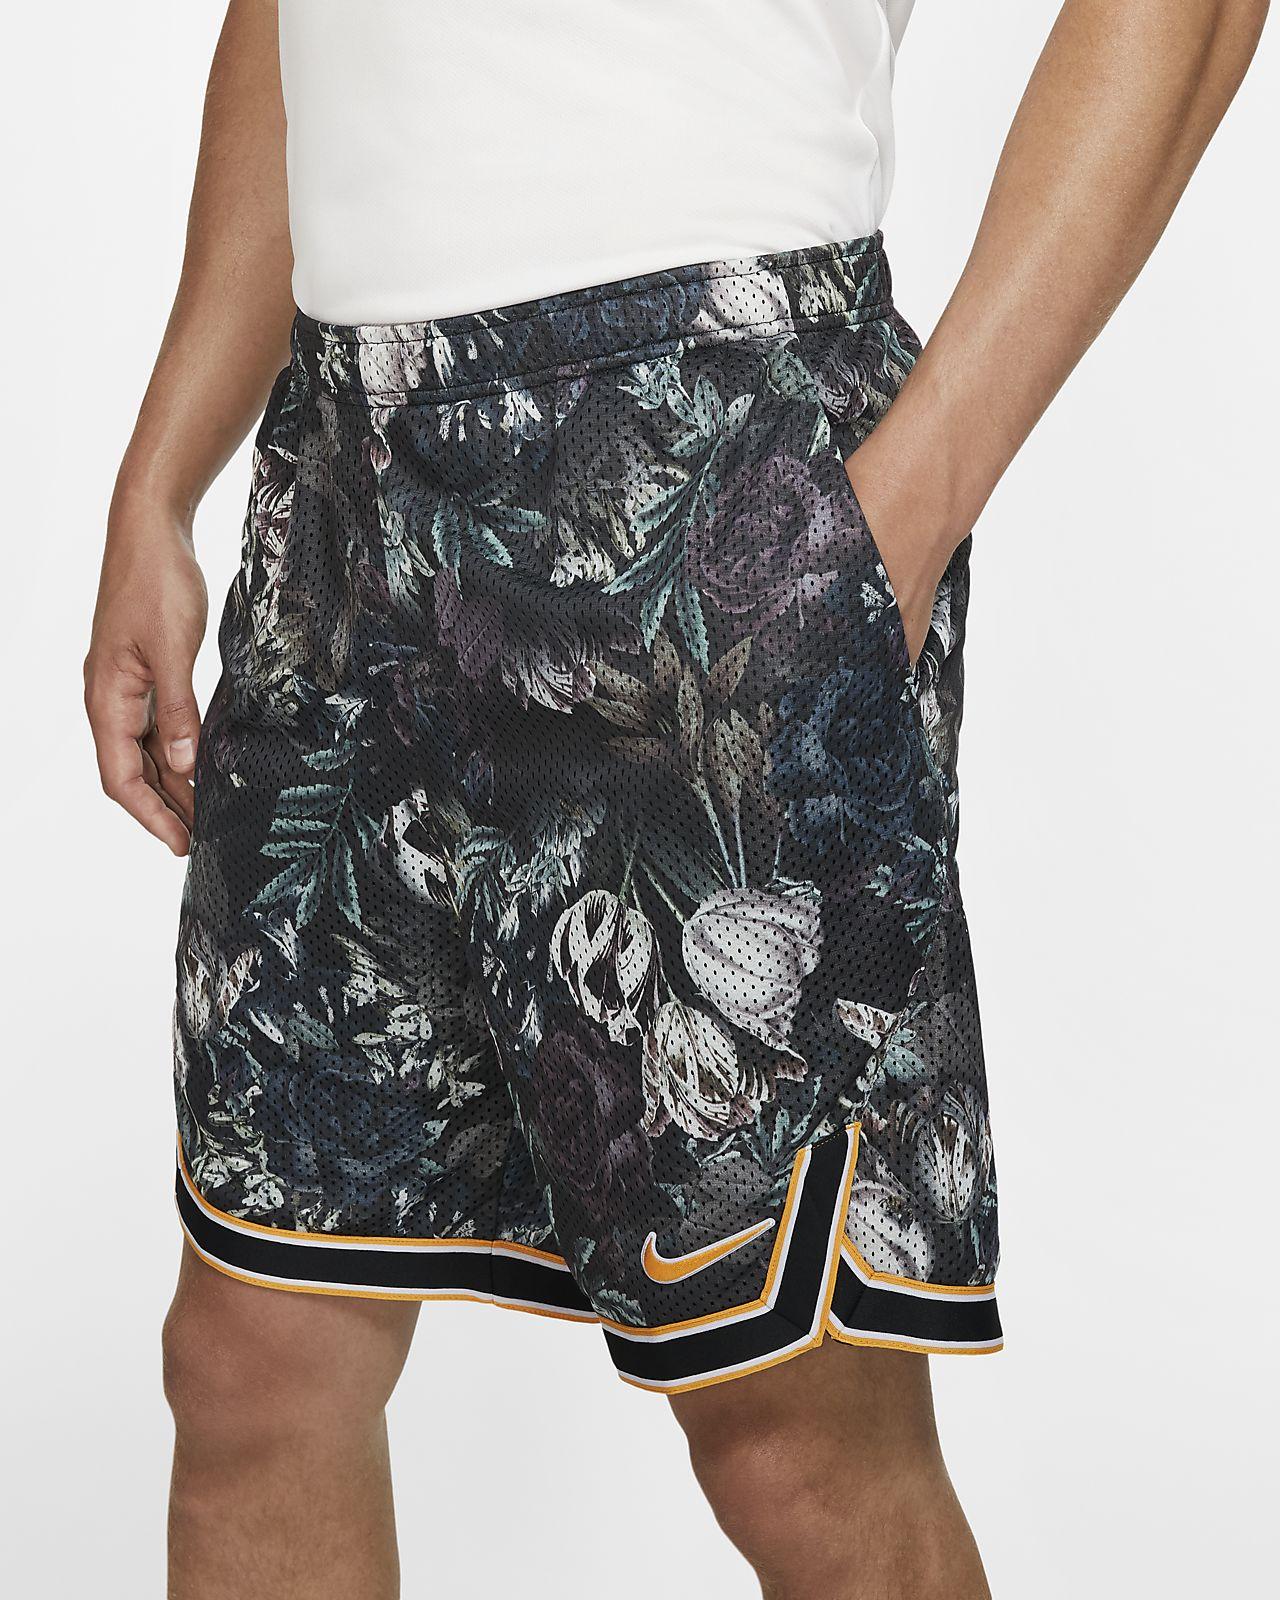 NikeCourt Flex Ace Pantalón corto de tenis estampado de 23 cm - Hombre